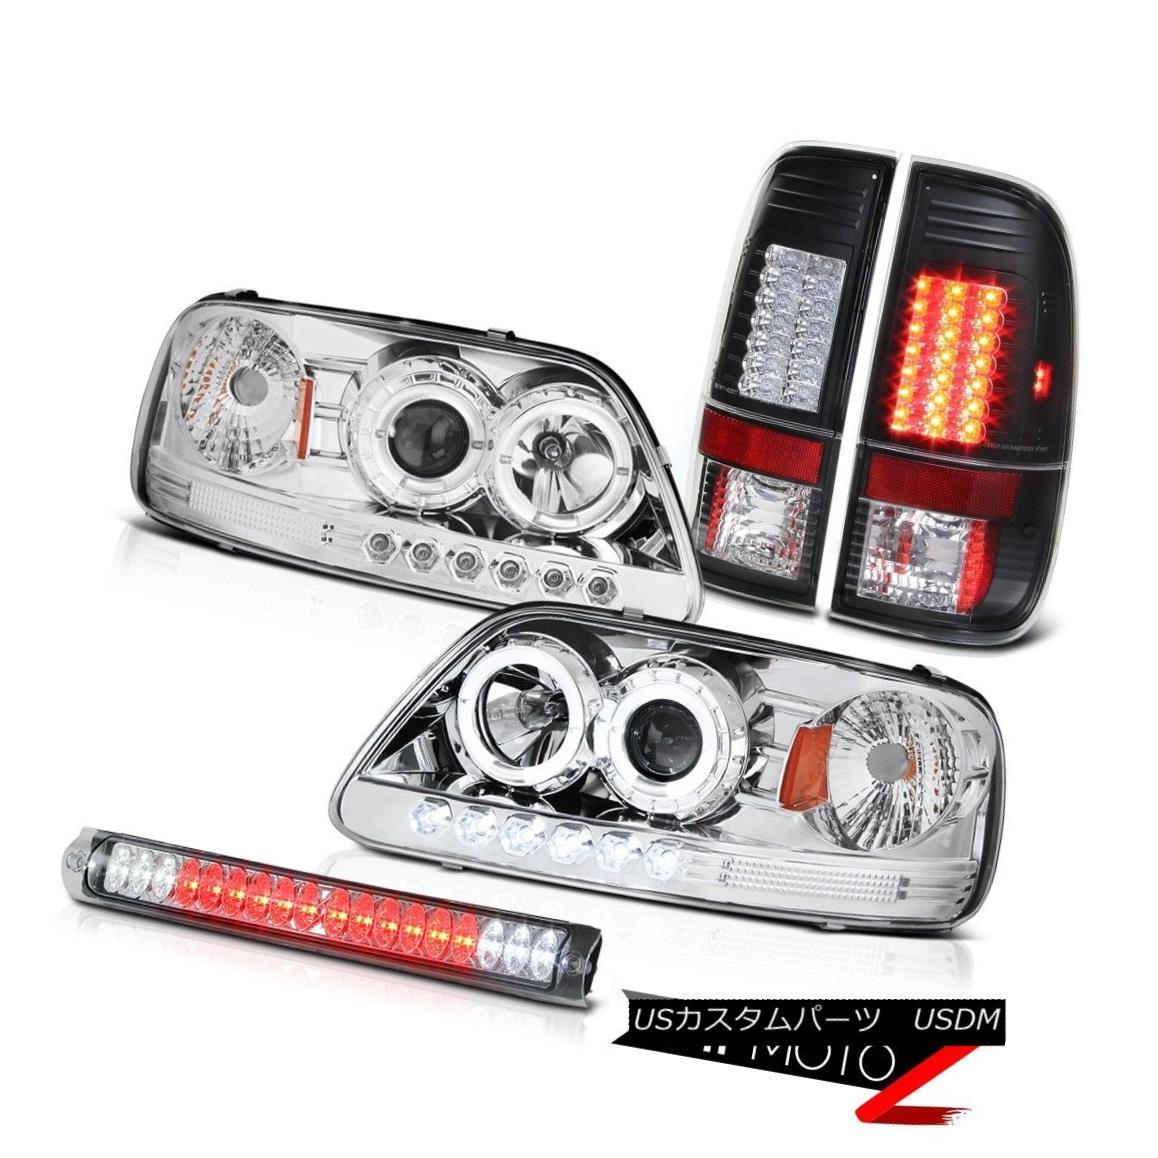 ヘッドライト Halo LED Headlight Black Tail Lamp Brake Cargo Lamp F150 Harley Davidson 97-2003 Halo LEDヘッドライトブラックテールランプブレーキカーゴランプF150 Harley Davidson 97-2003